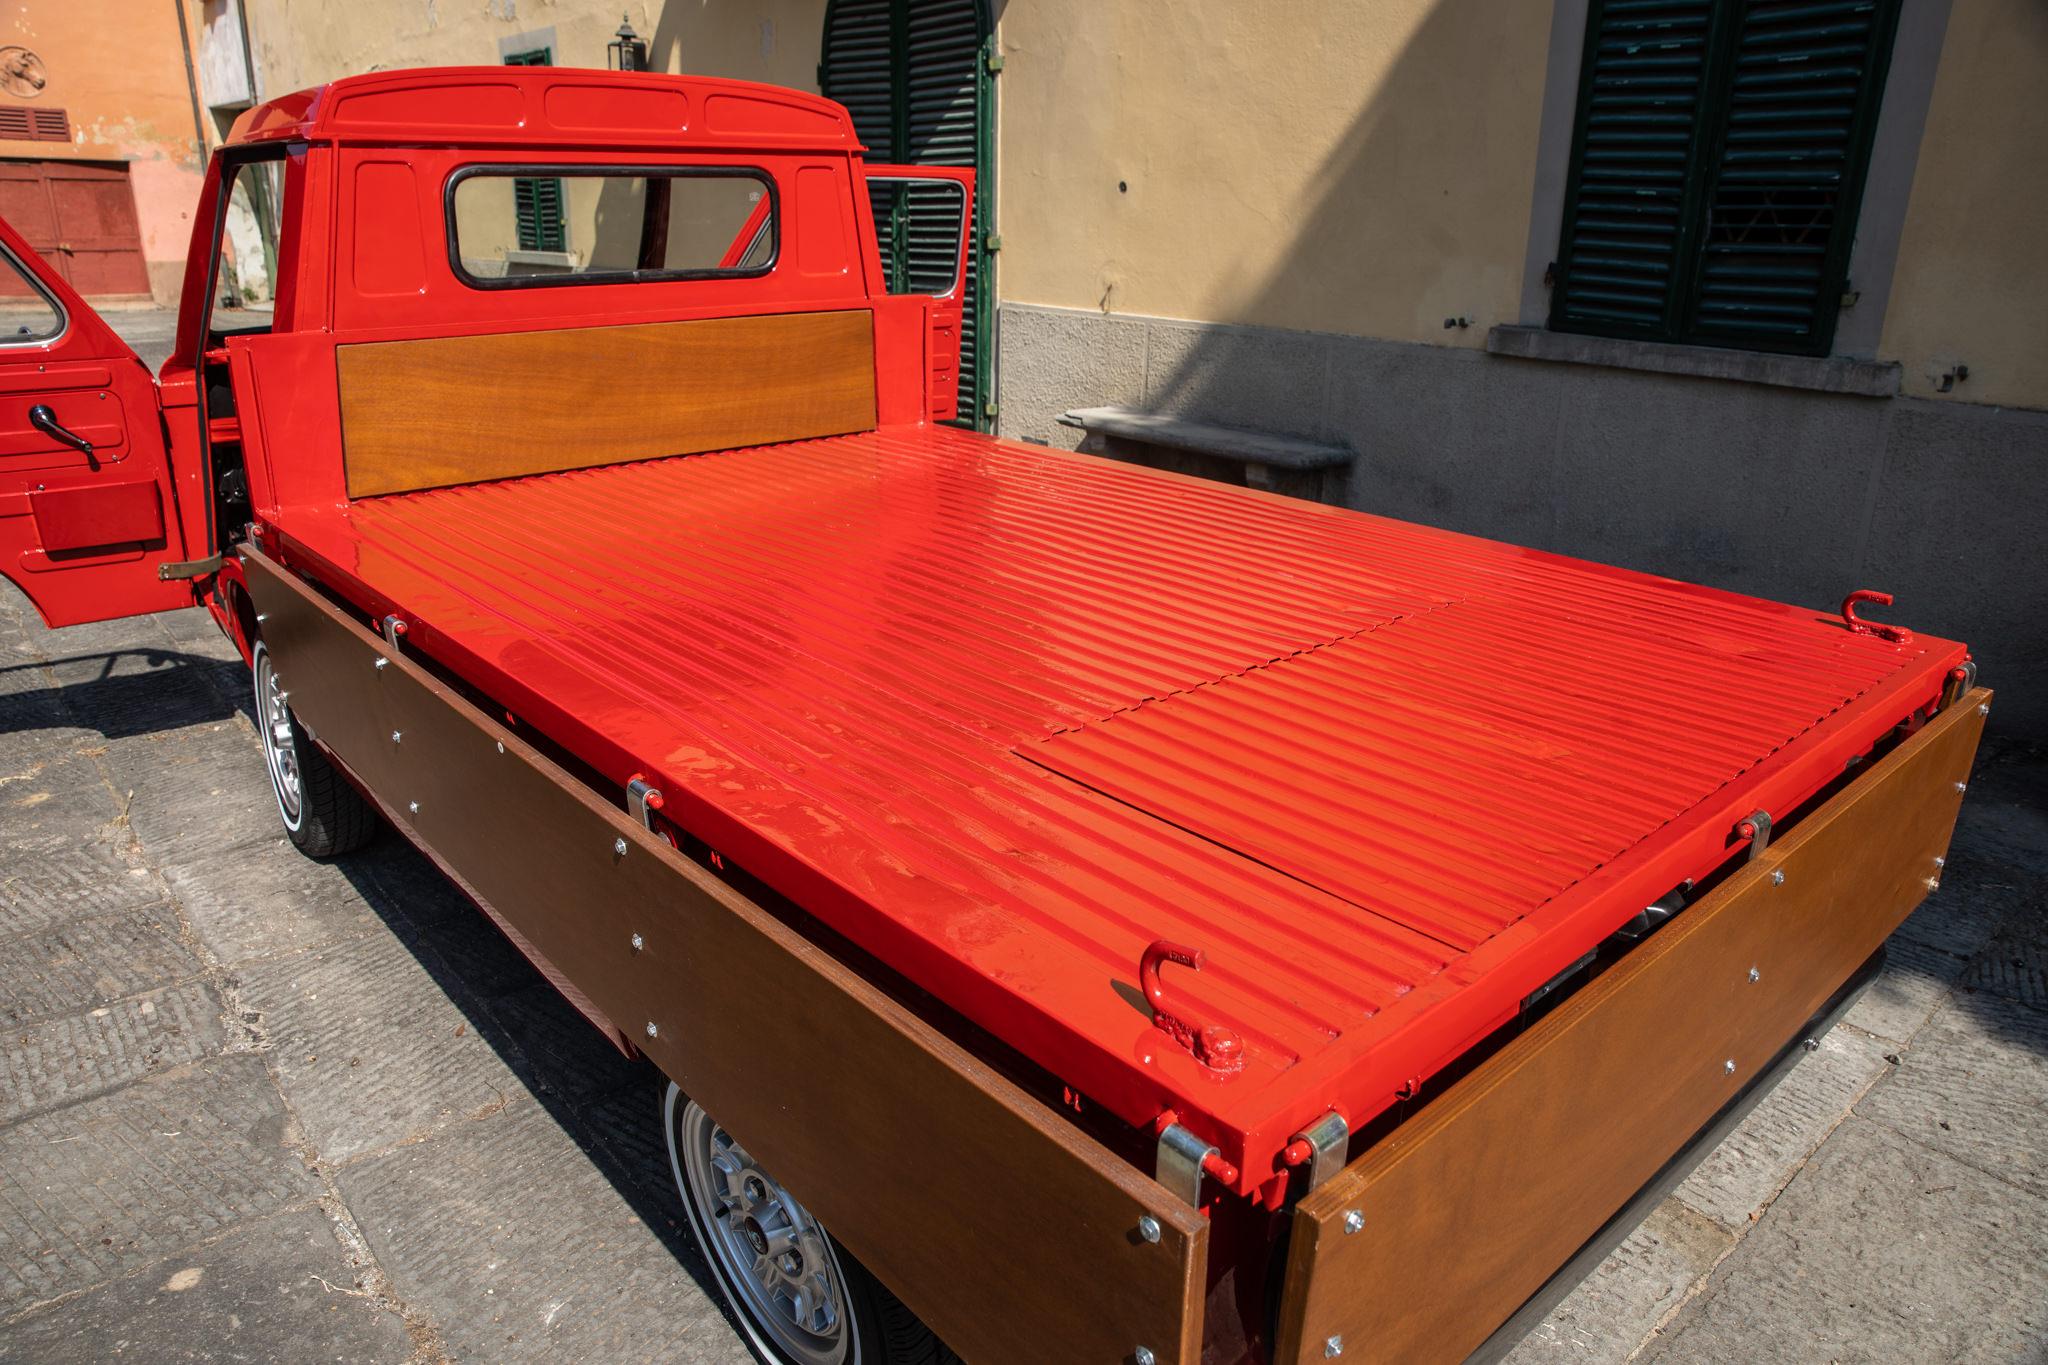 1977 Fiat 900 Coriasco Pickup sides down